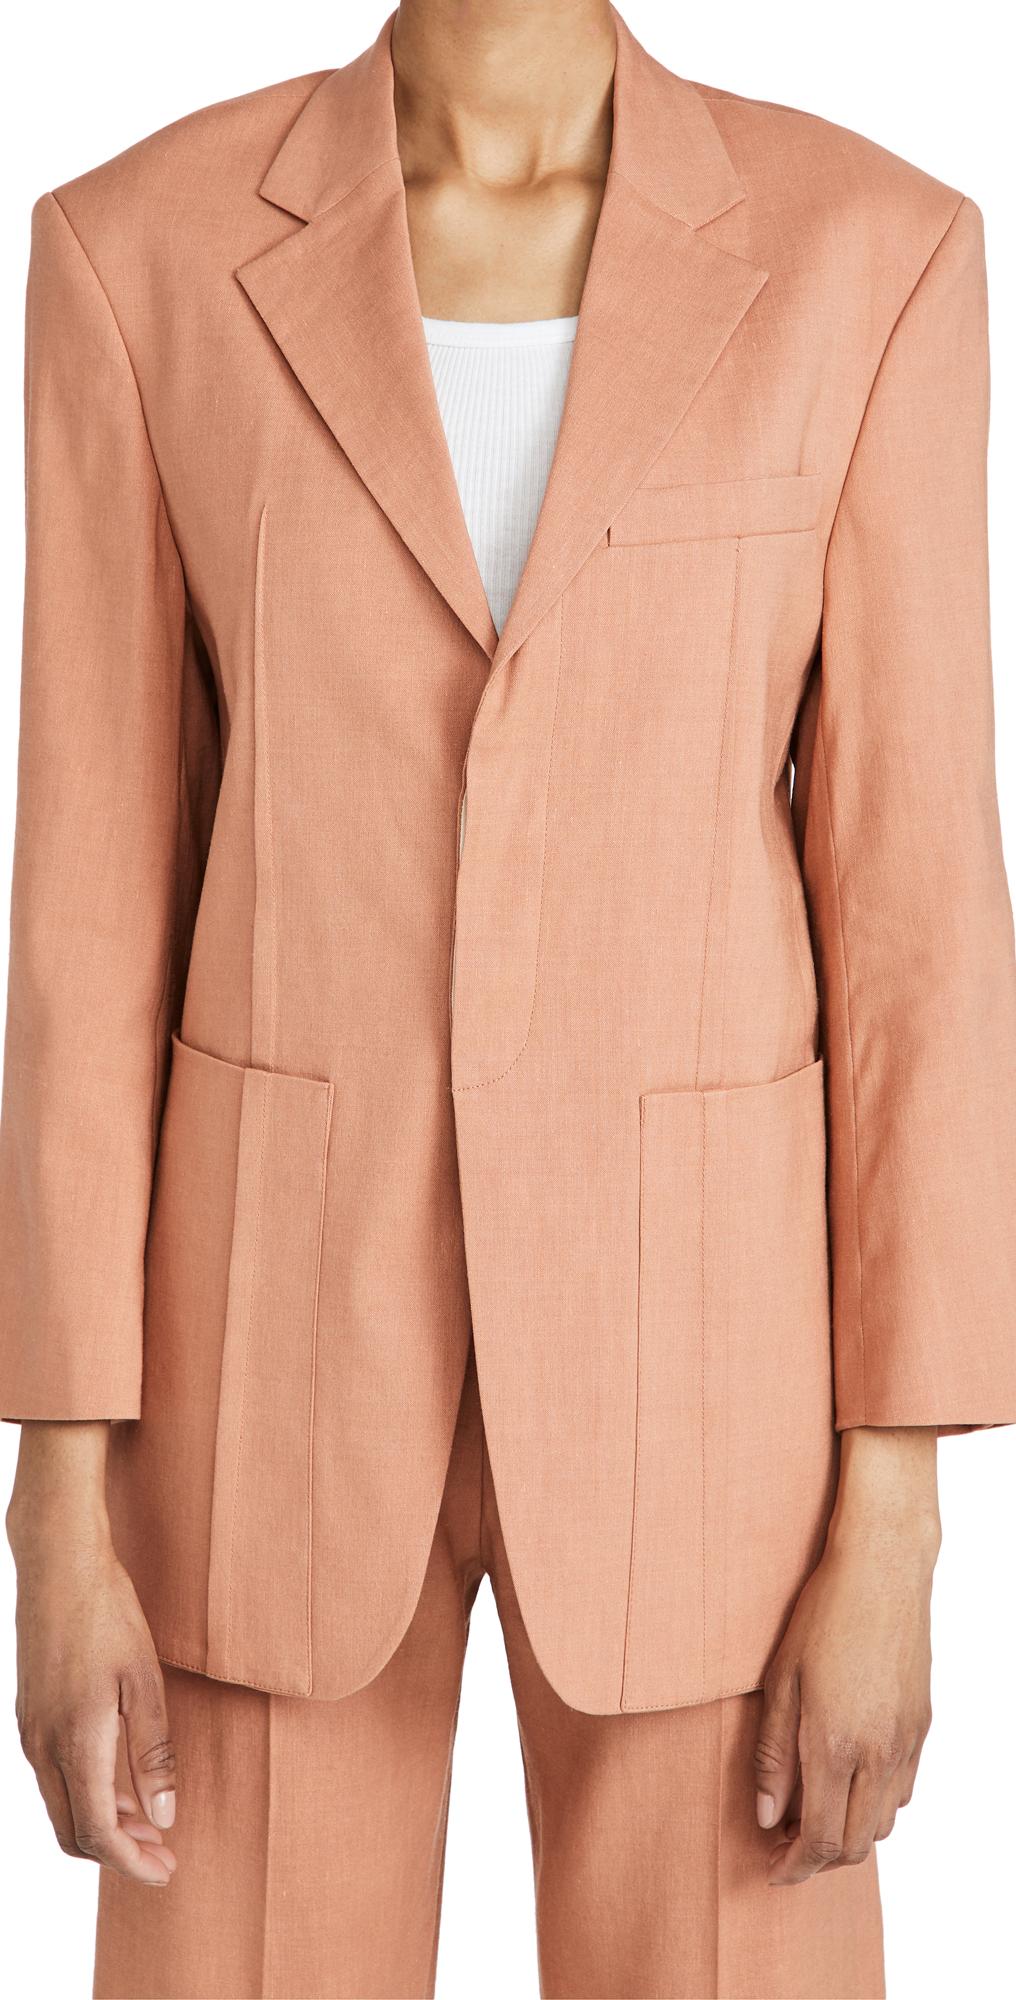 Jacquemus Menswear Oversized Jacket